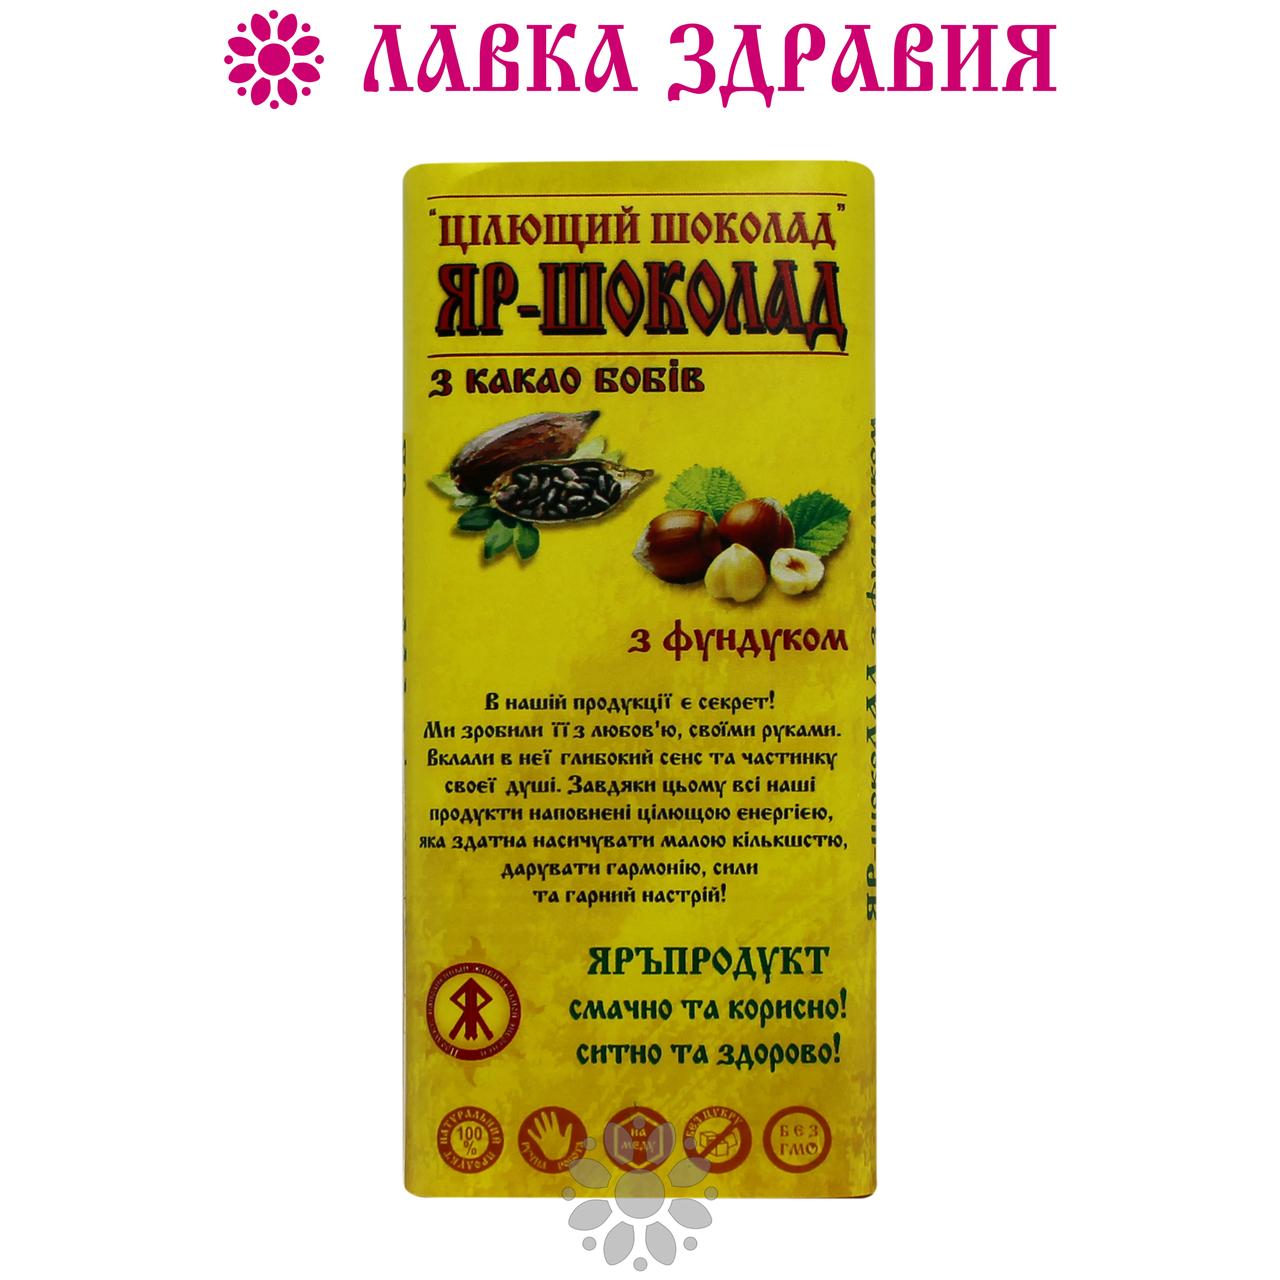 Яръ-шоколад с фундуком, 100 г